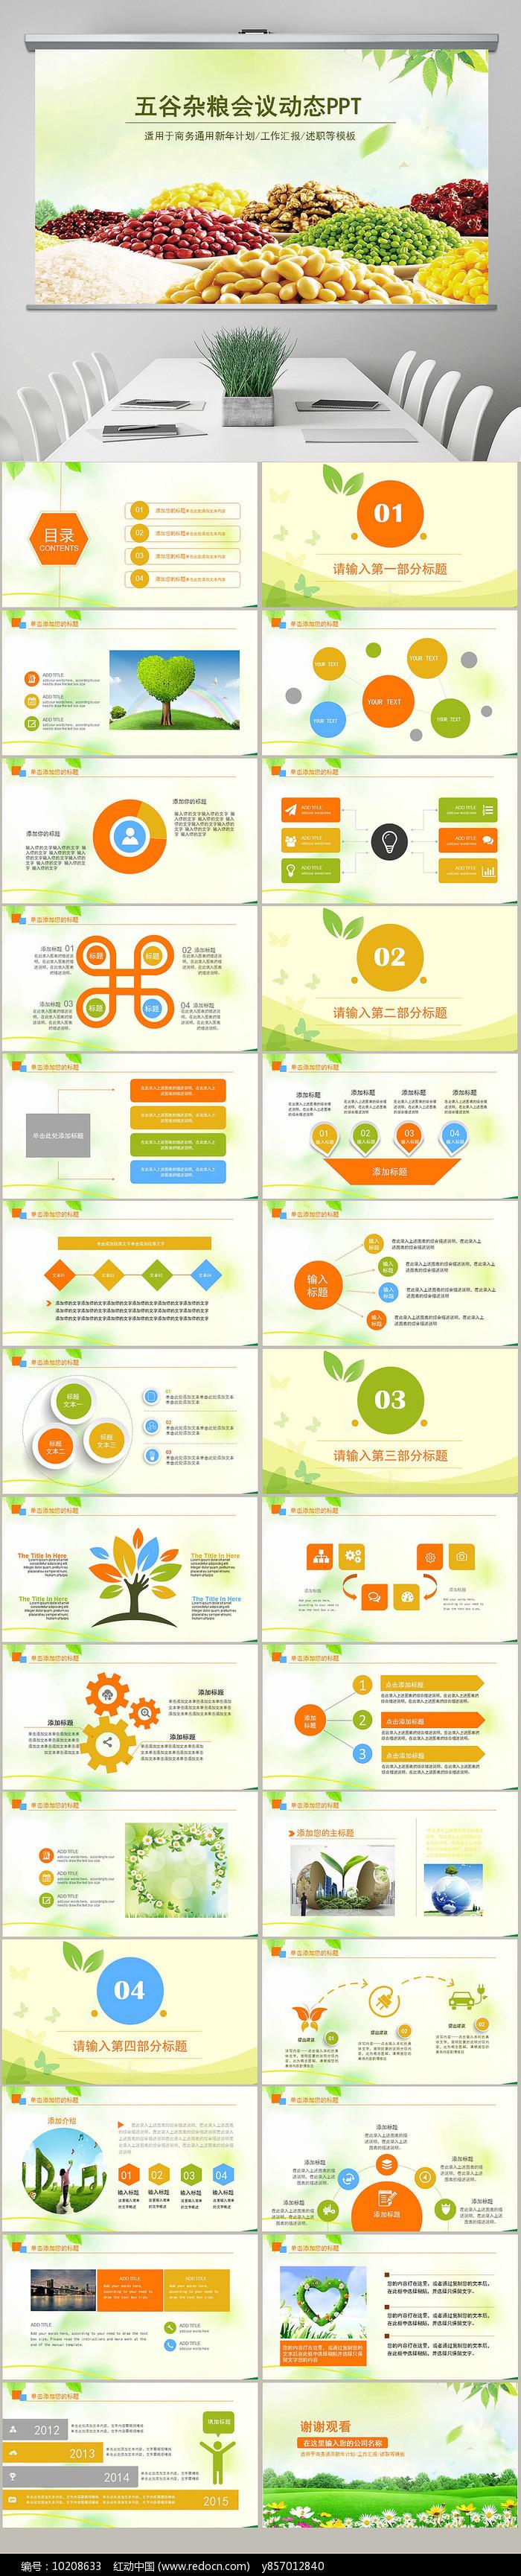 粮食五谷杂粮食品健康PPT图片